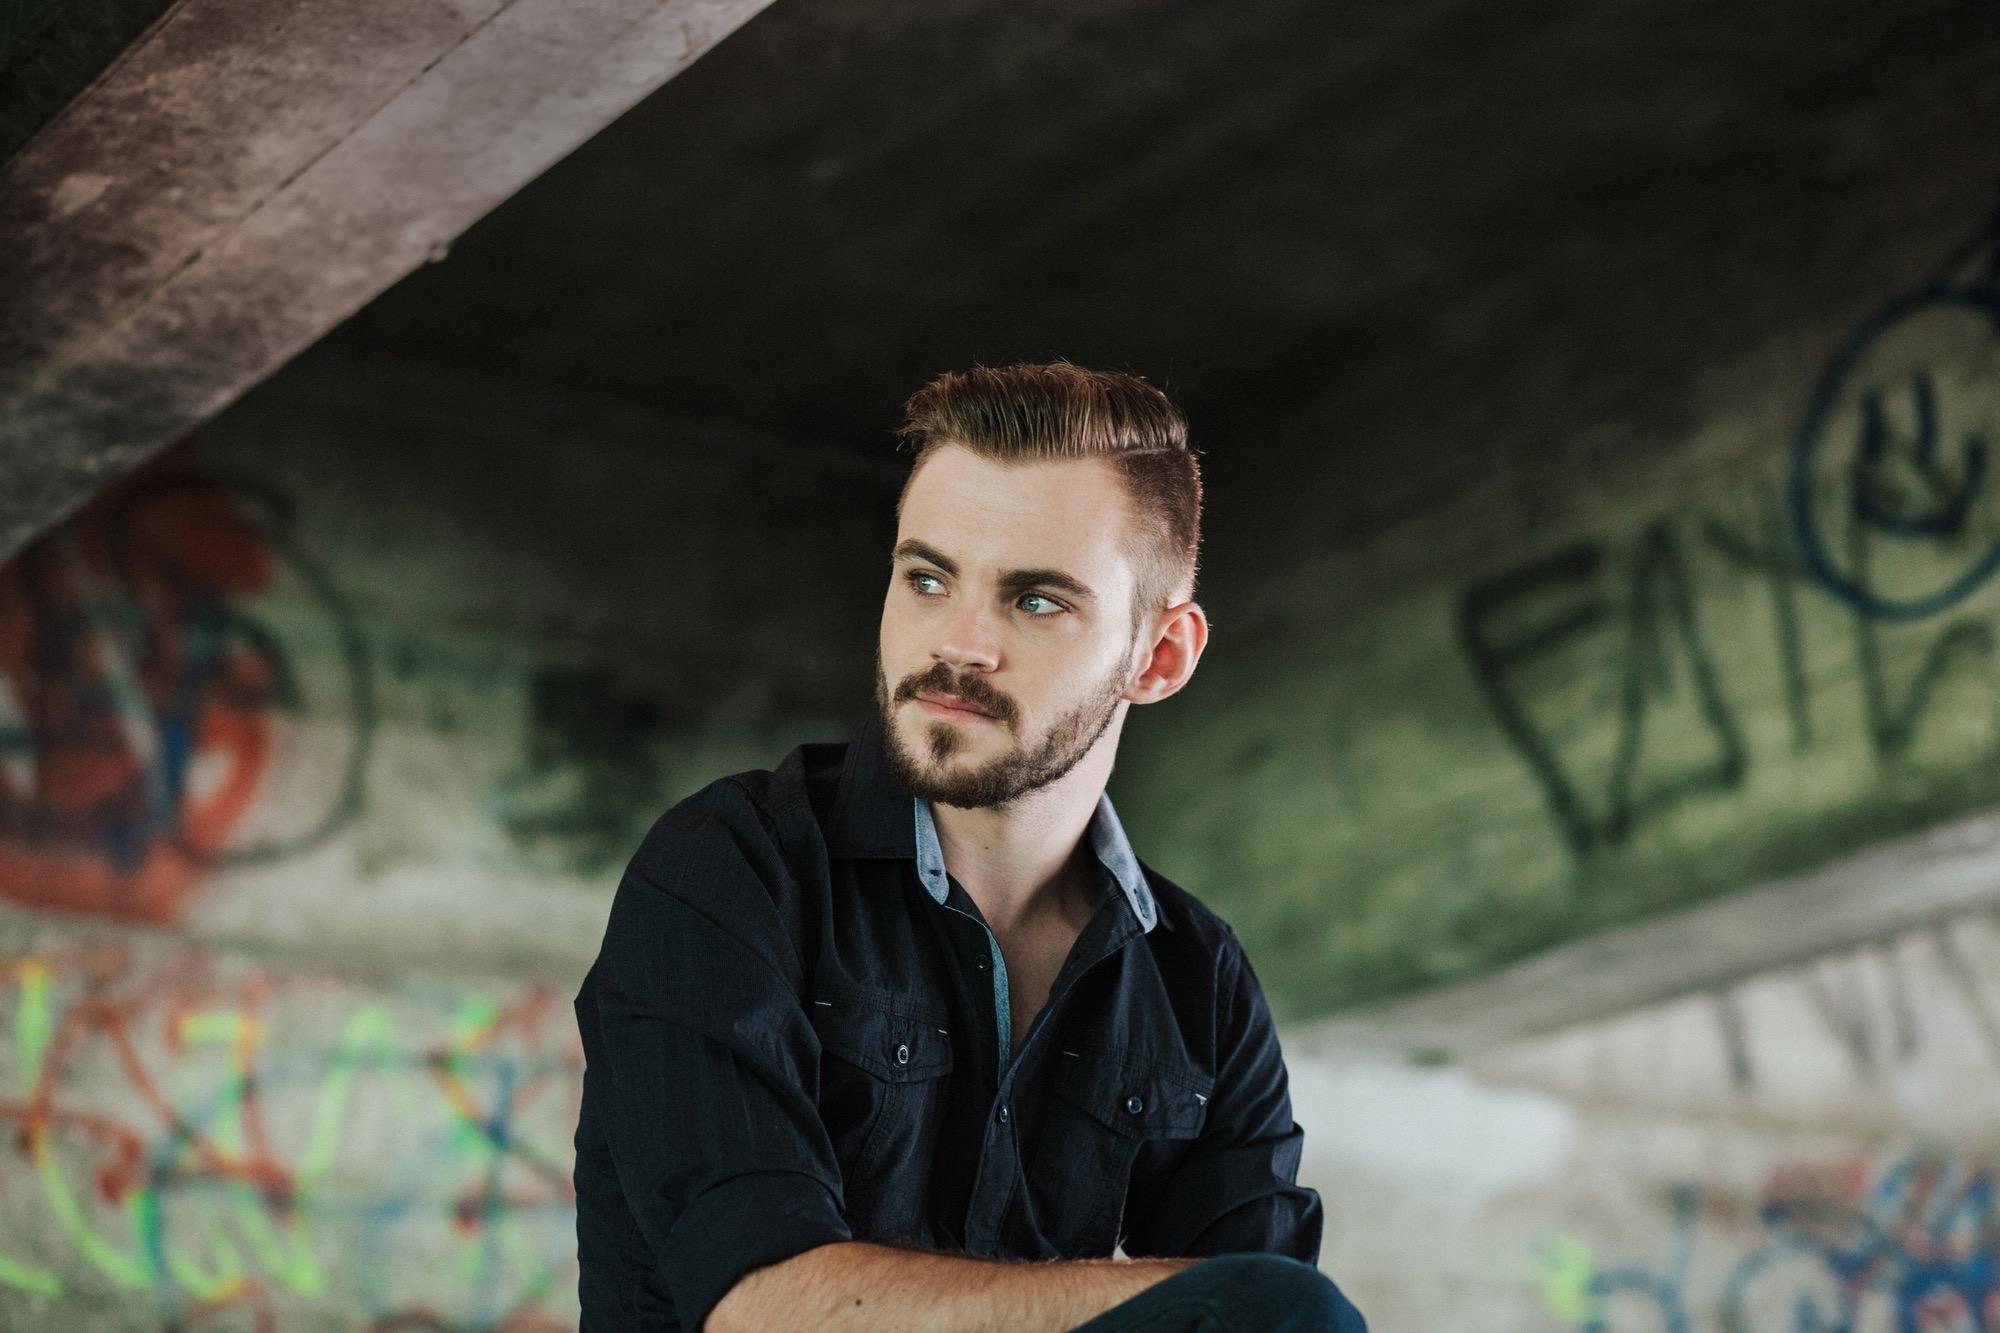 Liam Kennedy-Clark - Former Student